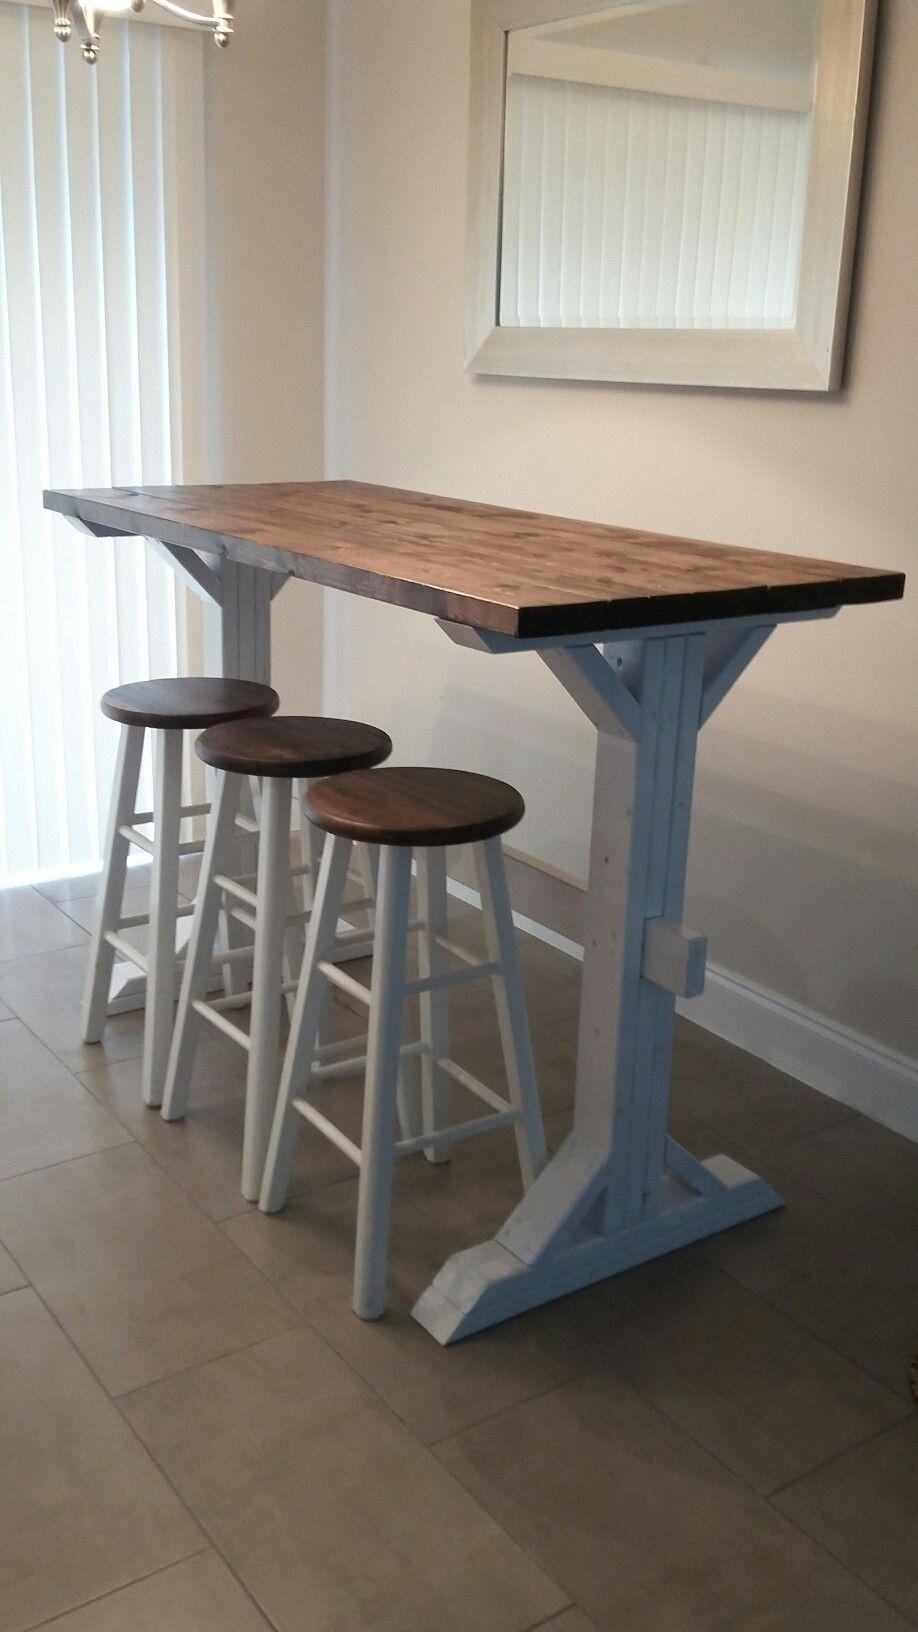 Farmhouse Style Bar Height Table DIY Bar Table Diy